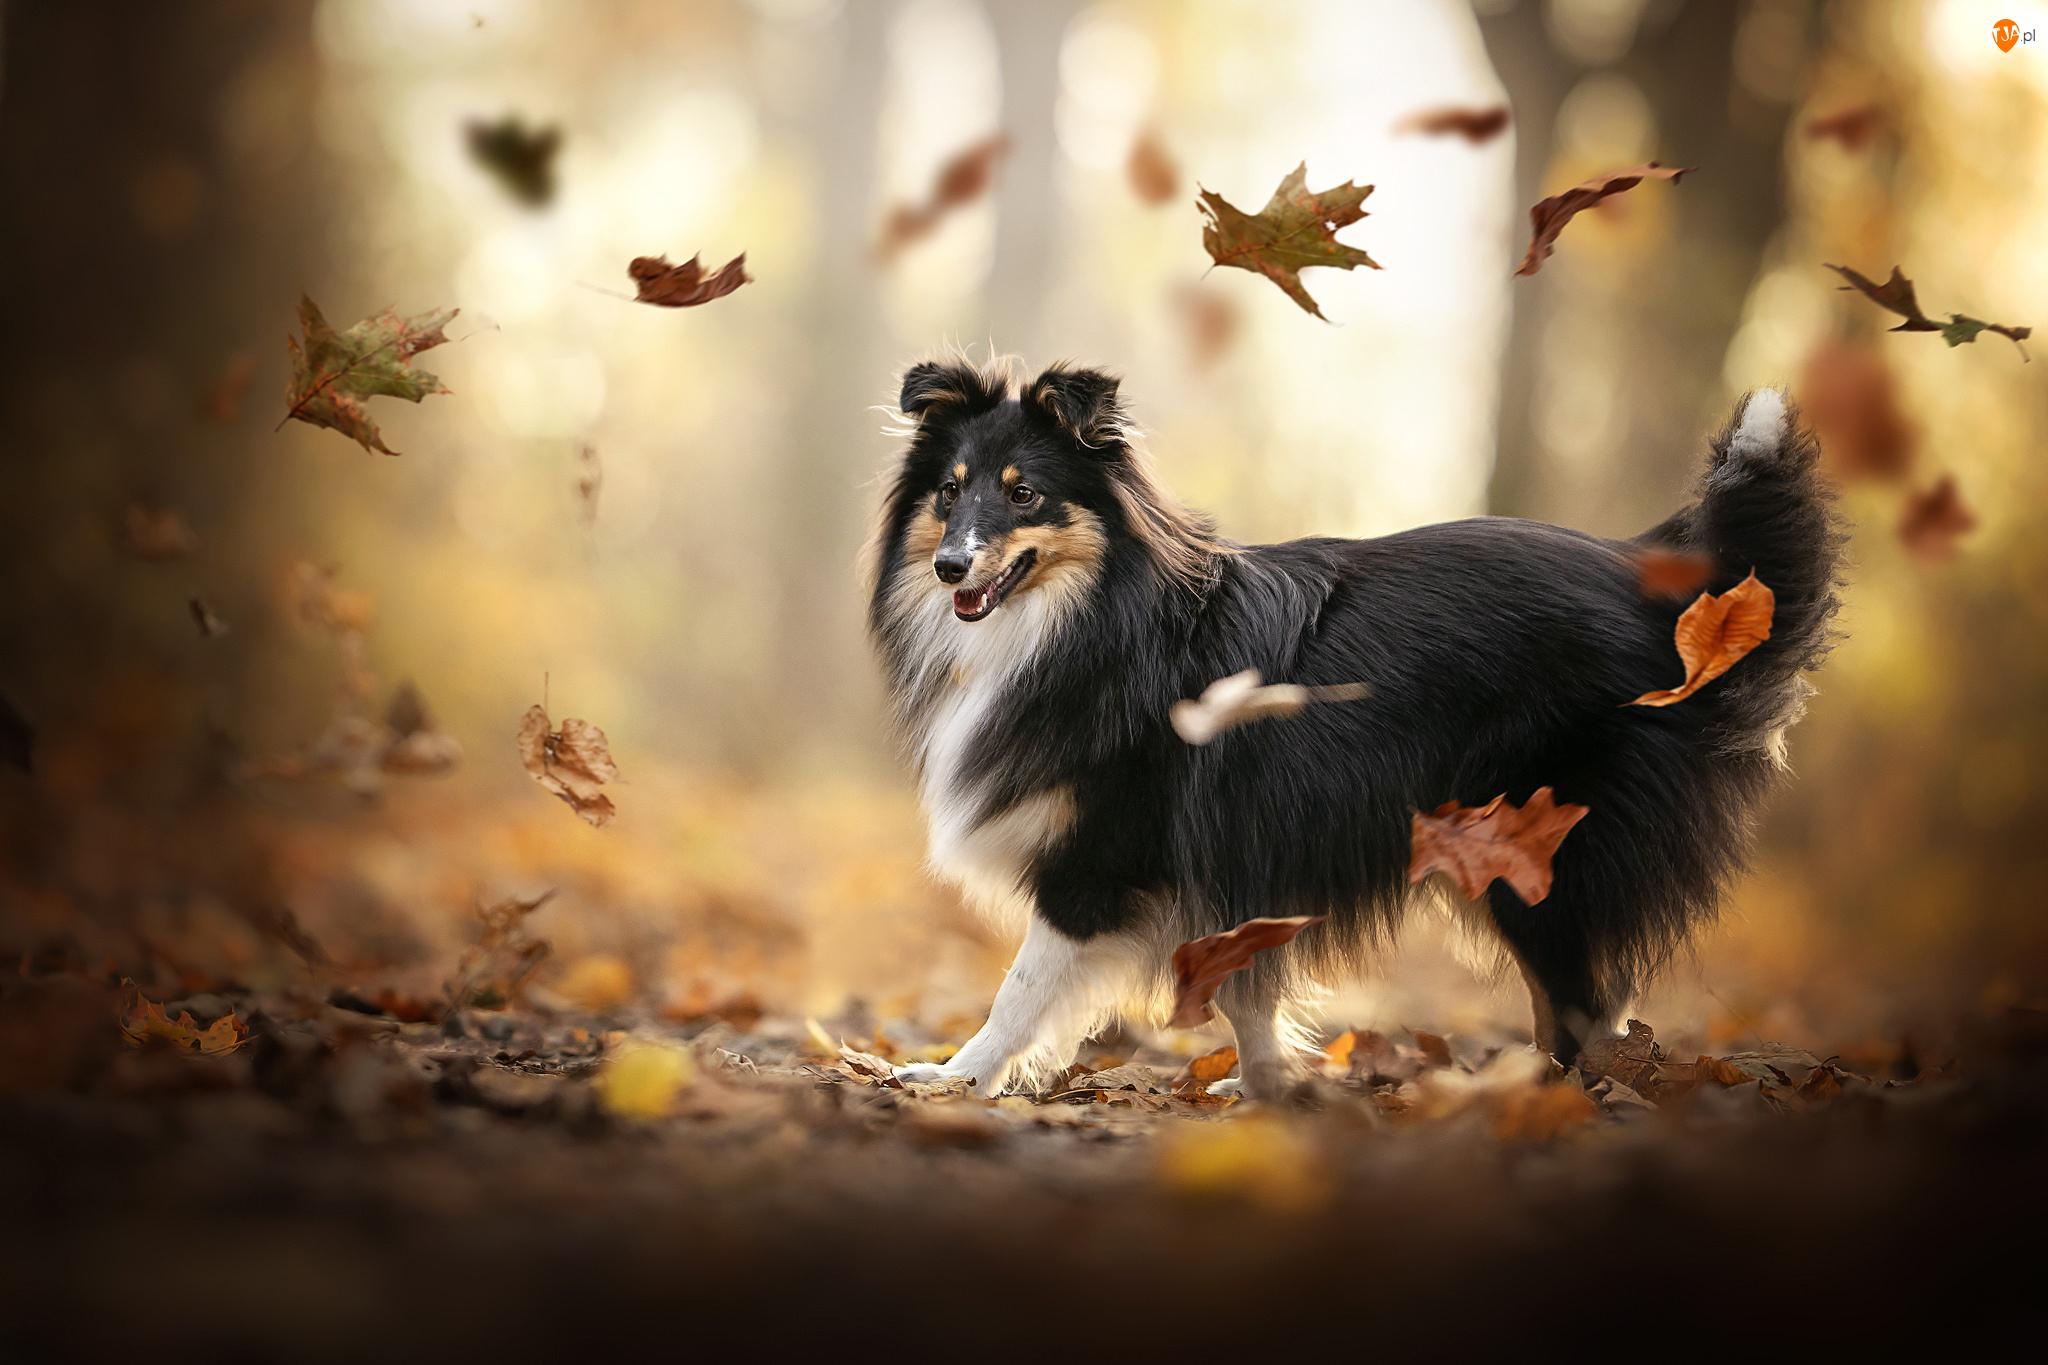 Jesień, Pies, Owczarek szetlandzki, Liście